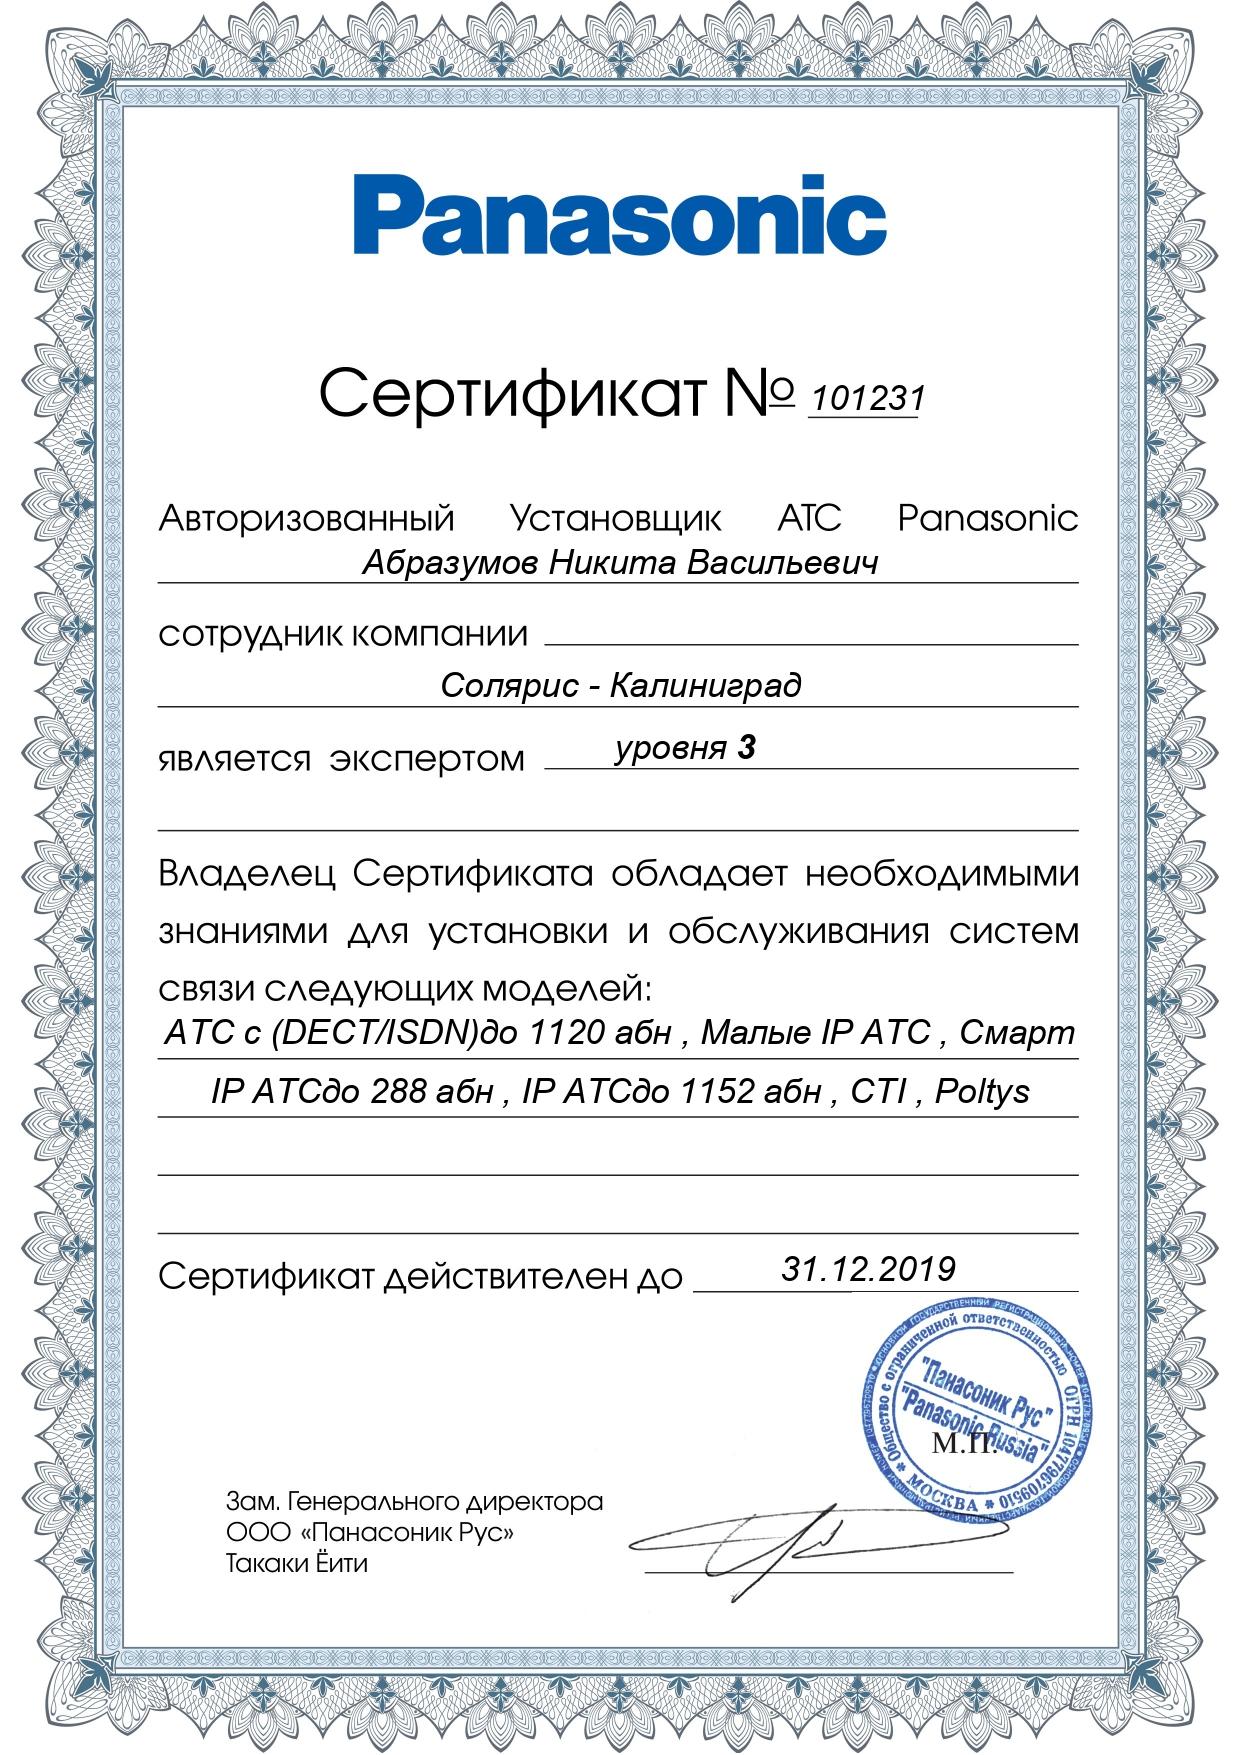 5dd7981cc6323__page-0001.6bf195d50af5fa23658a336d48fdf5df